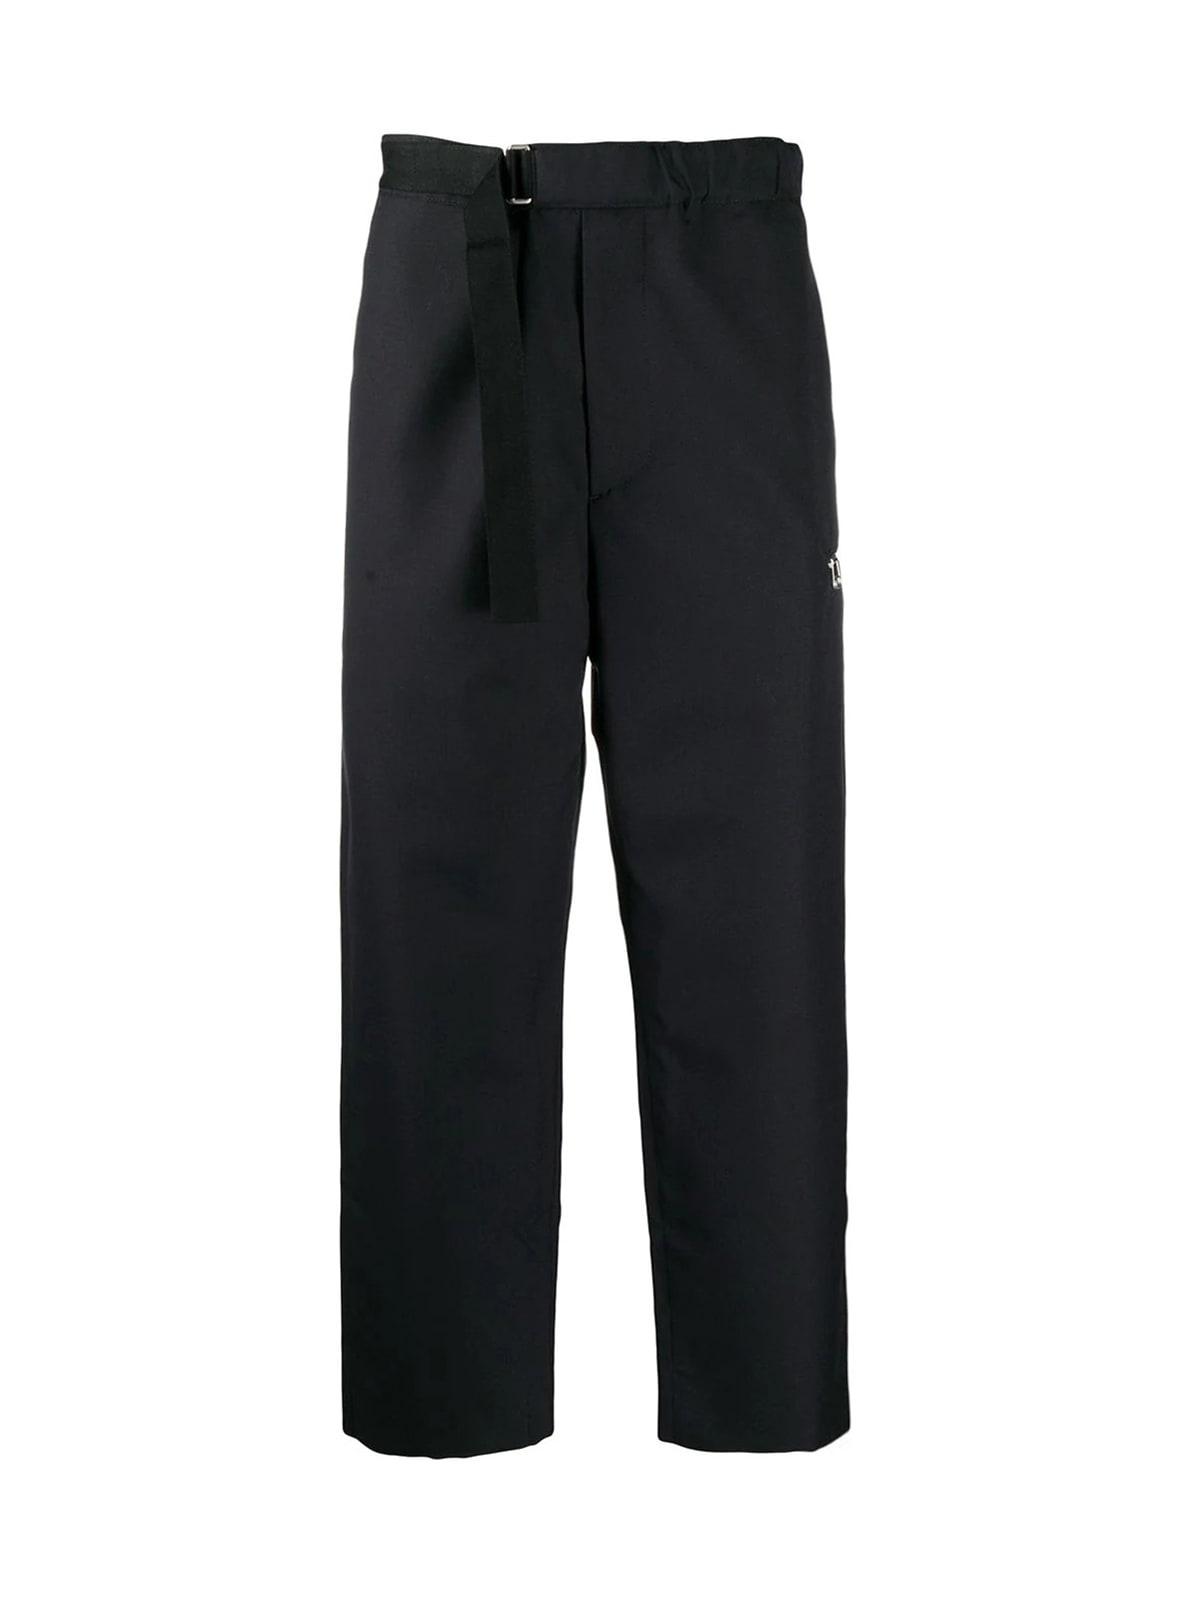 OAMC Regs Pant Virgin Wool